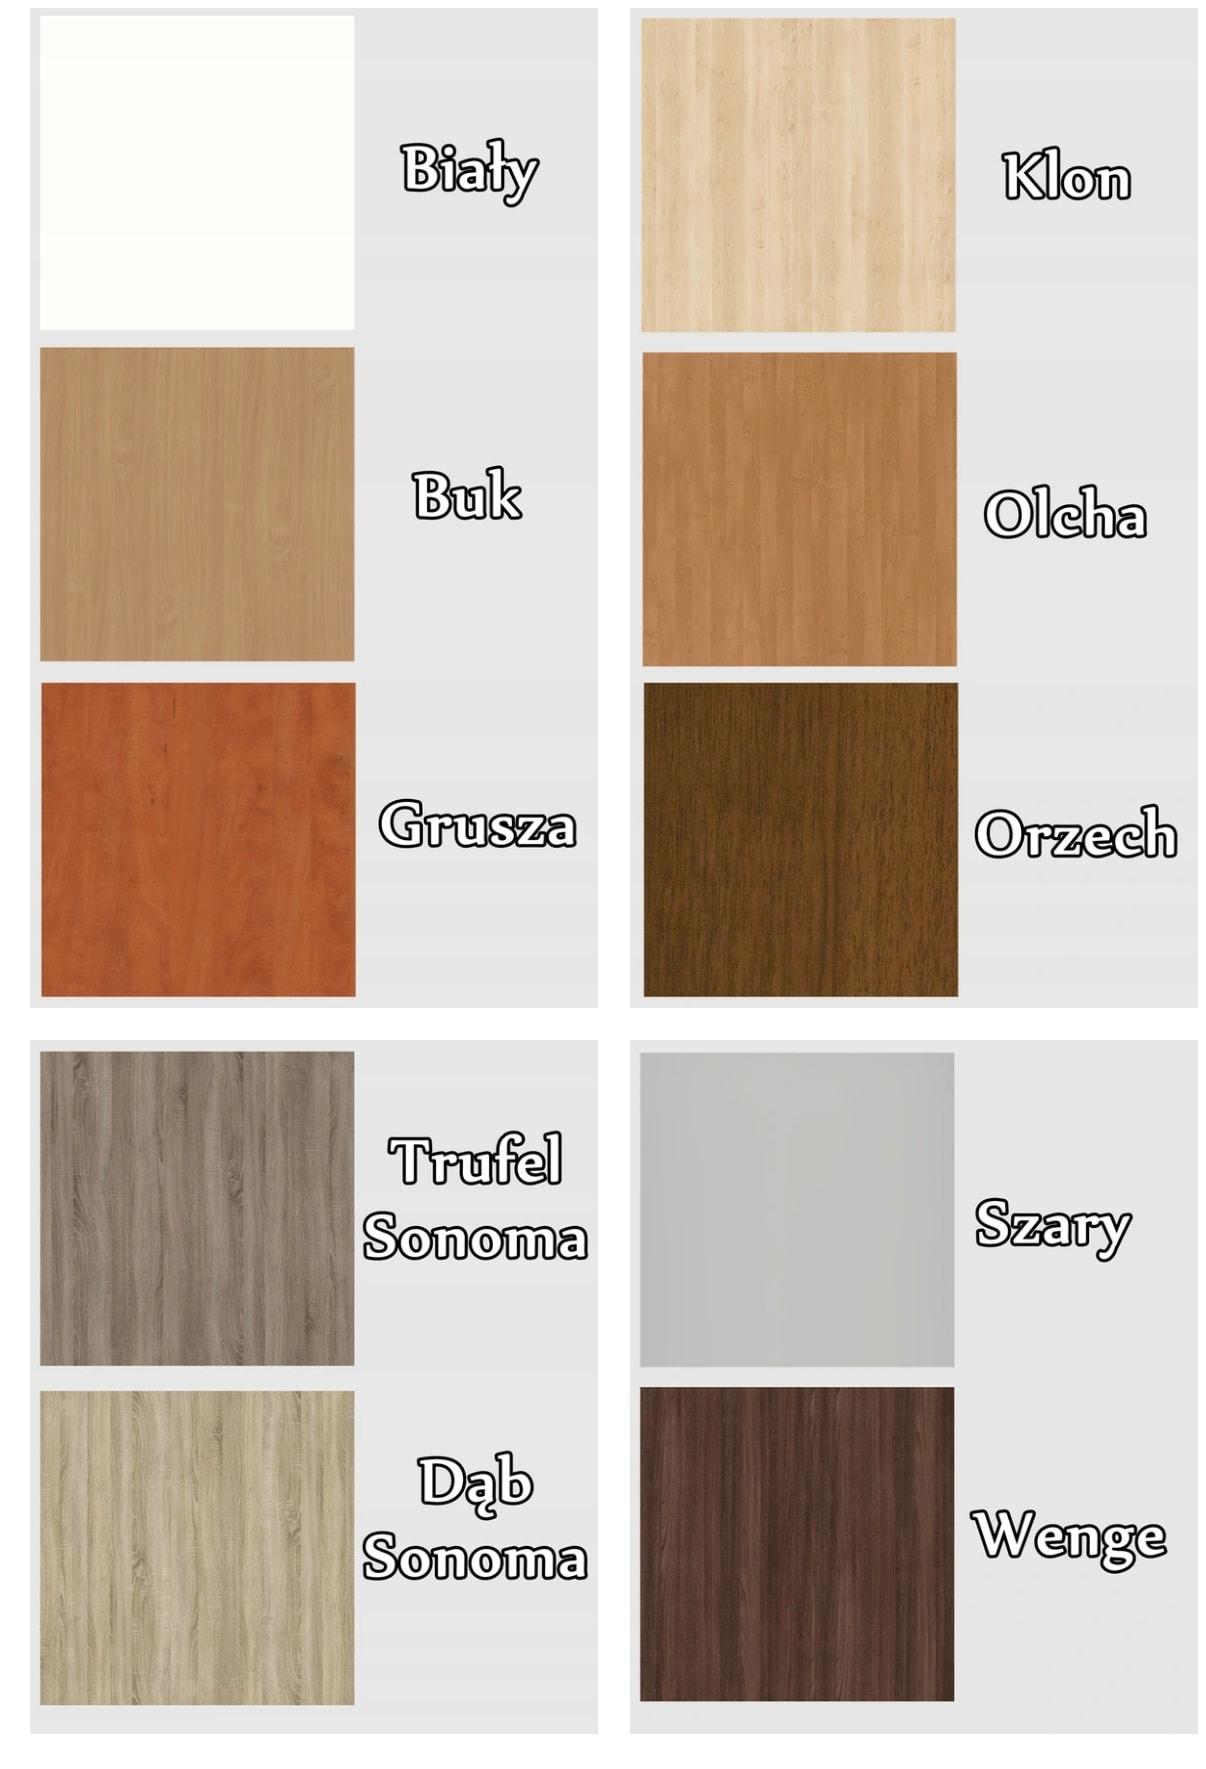 wzornik kolorów płyt pfleiderer